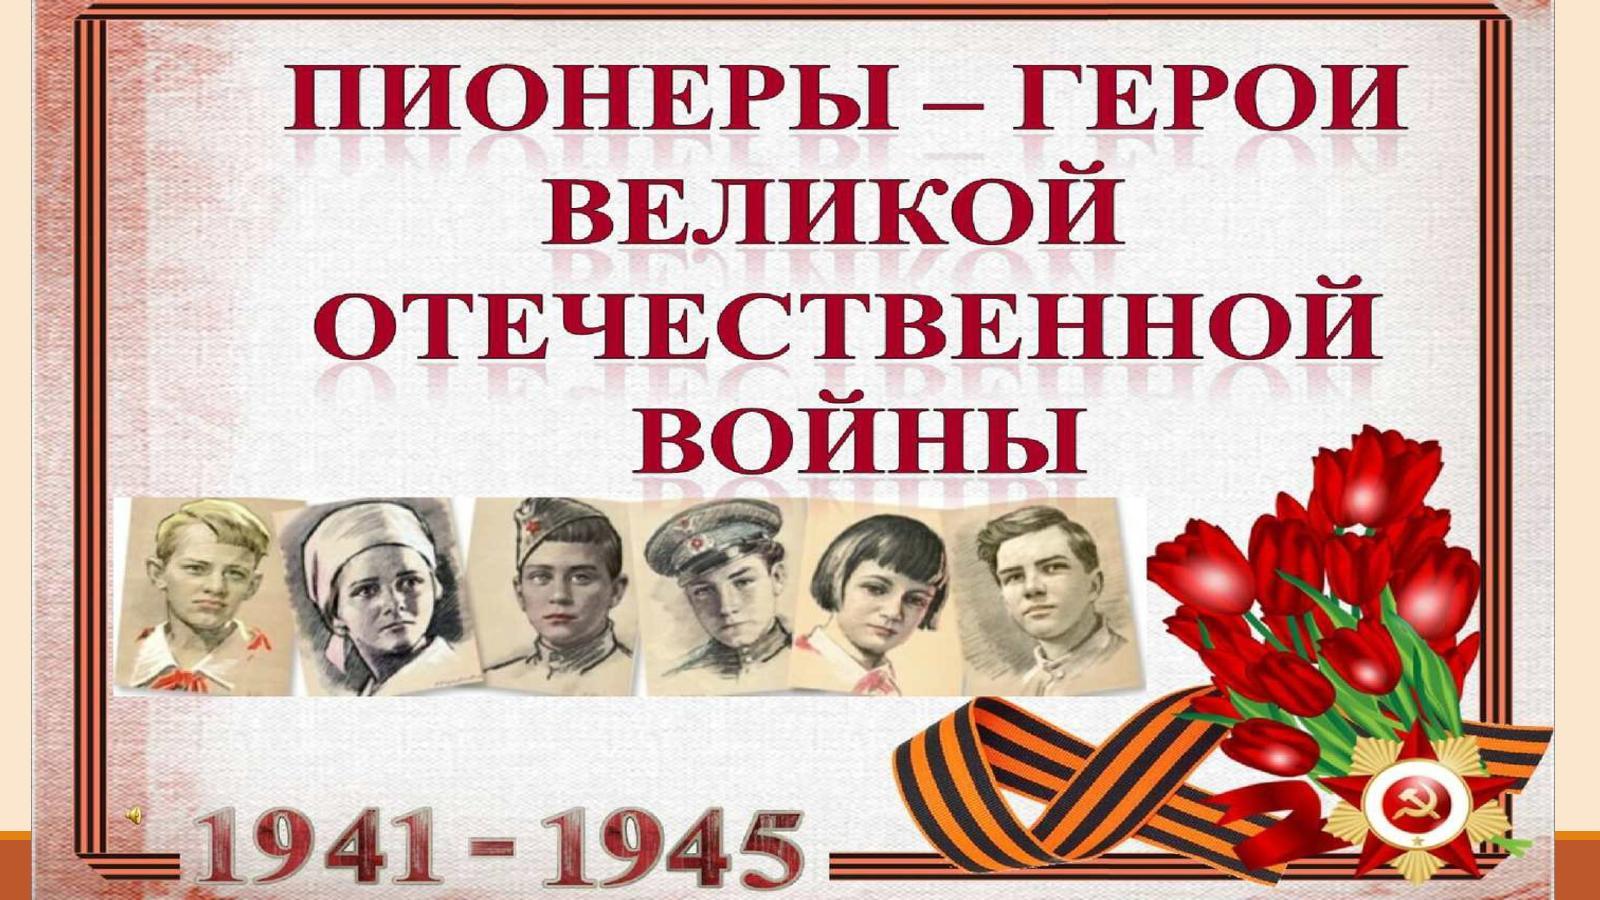 пионеры герои великой отечественной 1941 1945